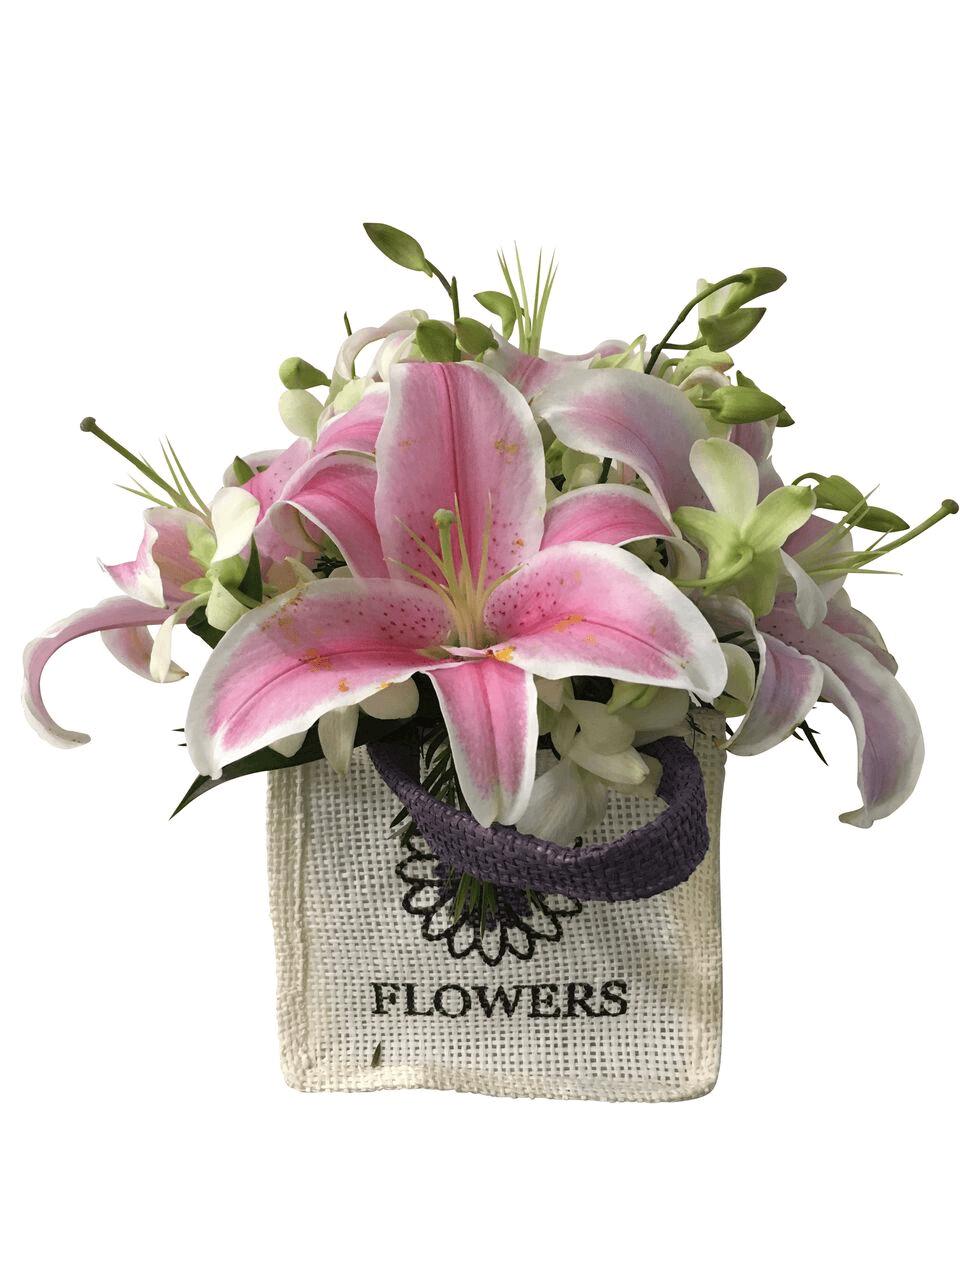 Buy Cute Flower Bag Online Blooms Only